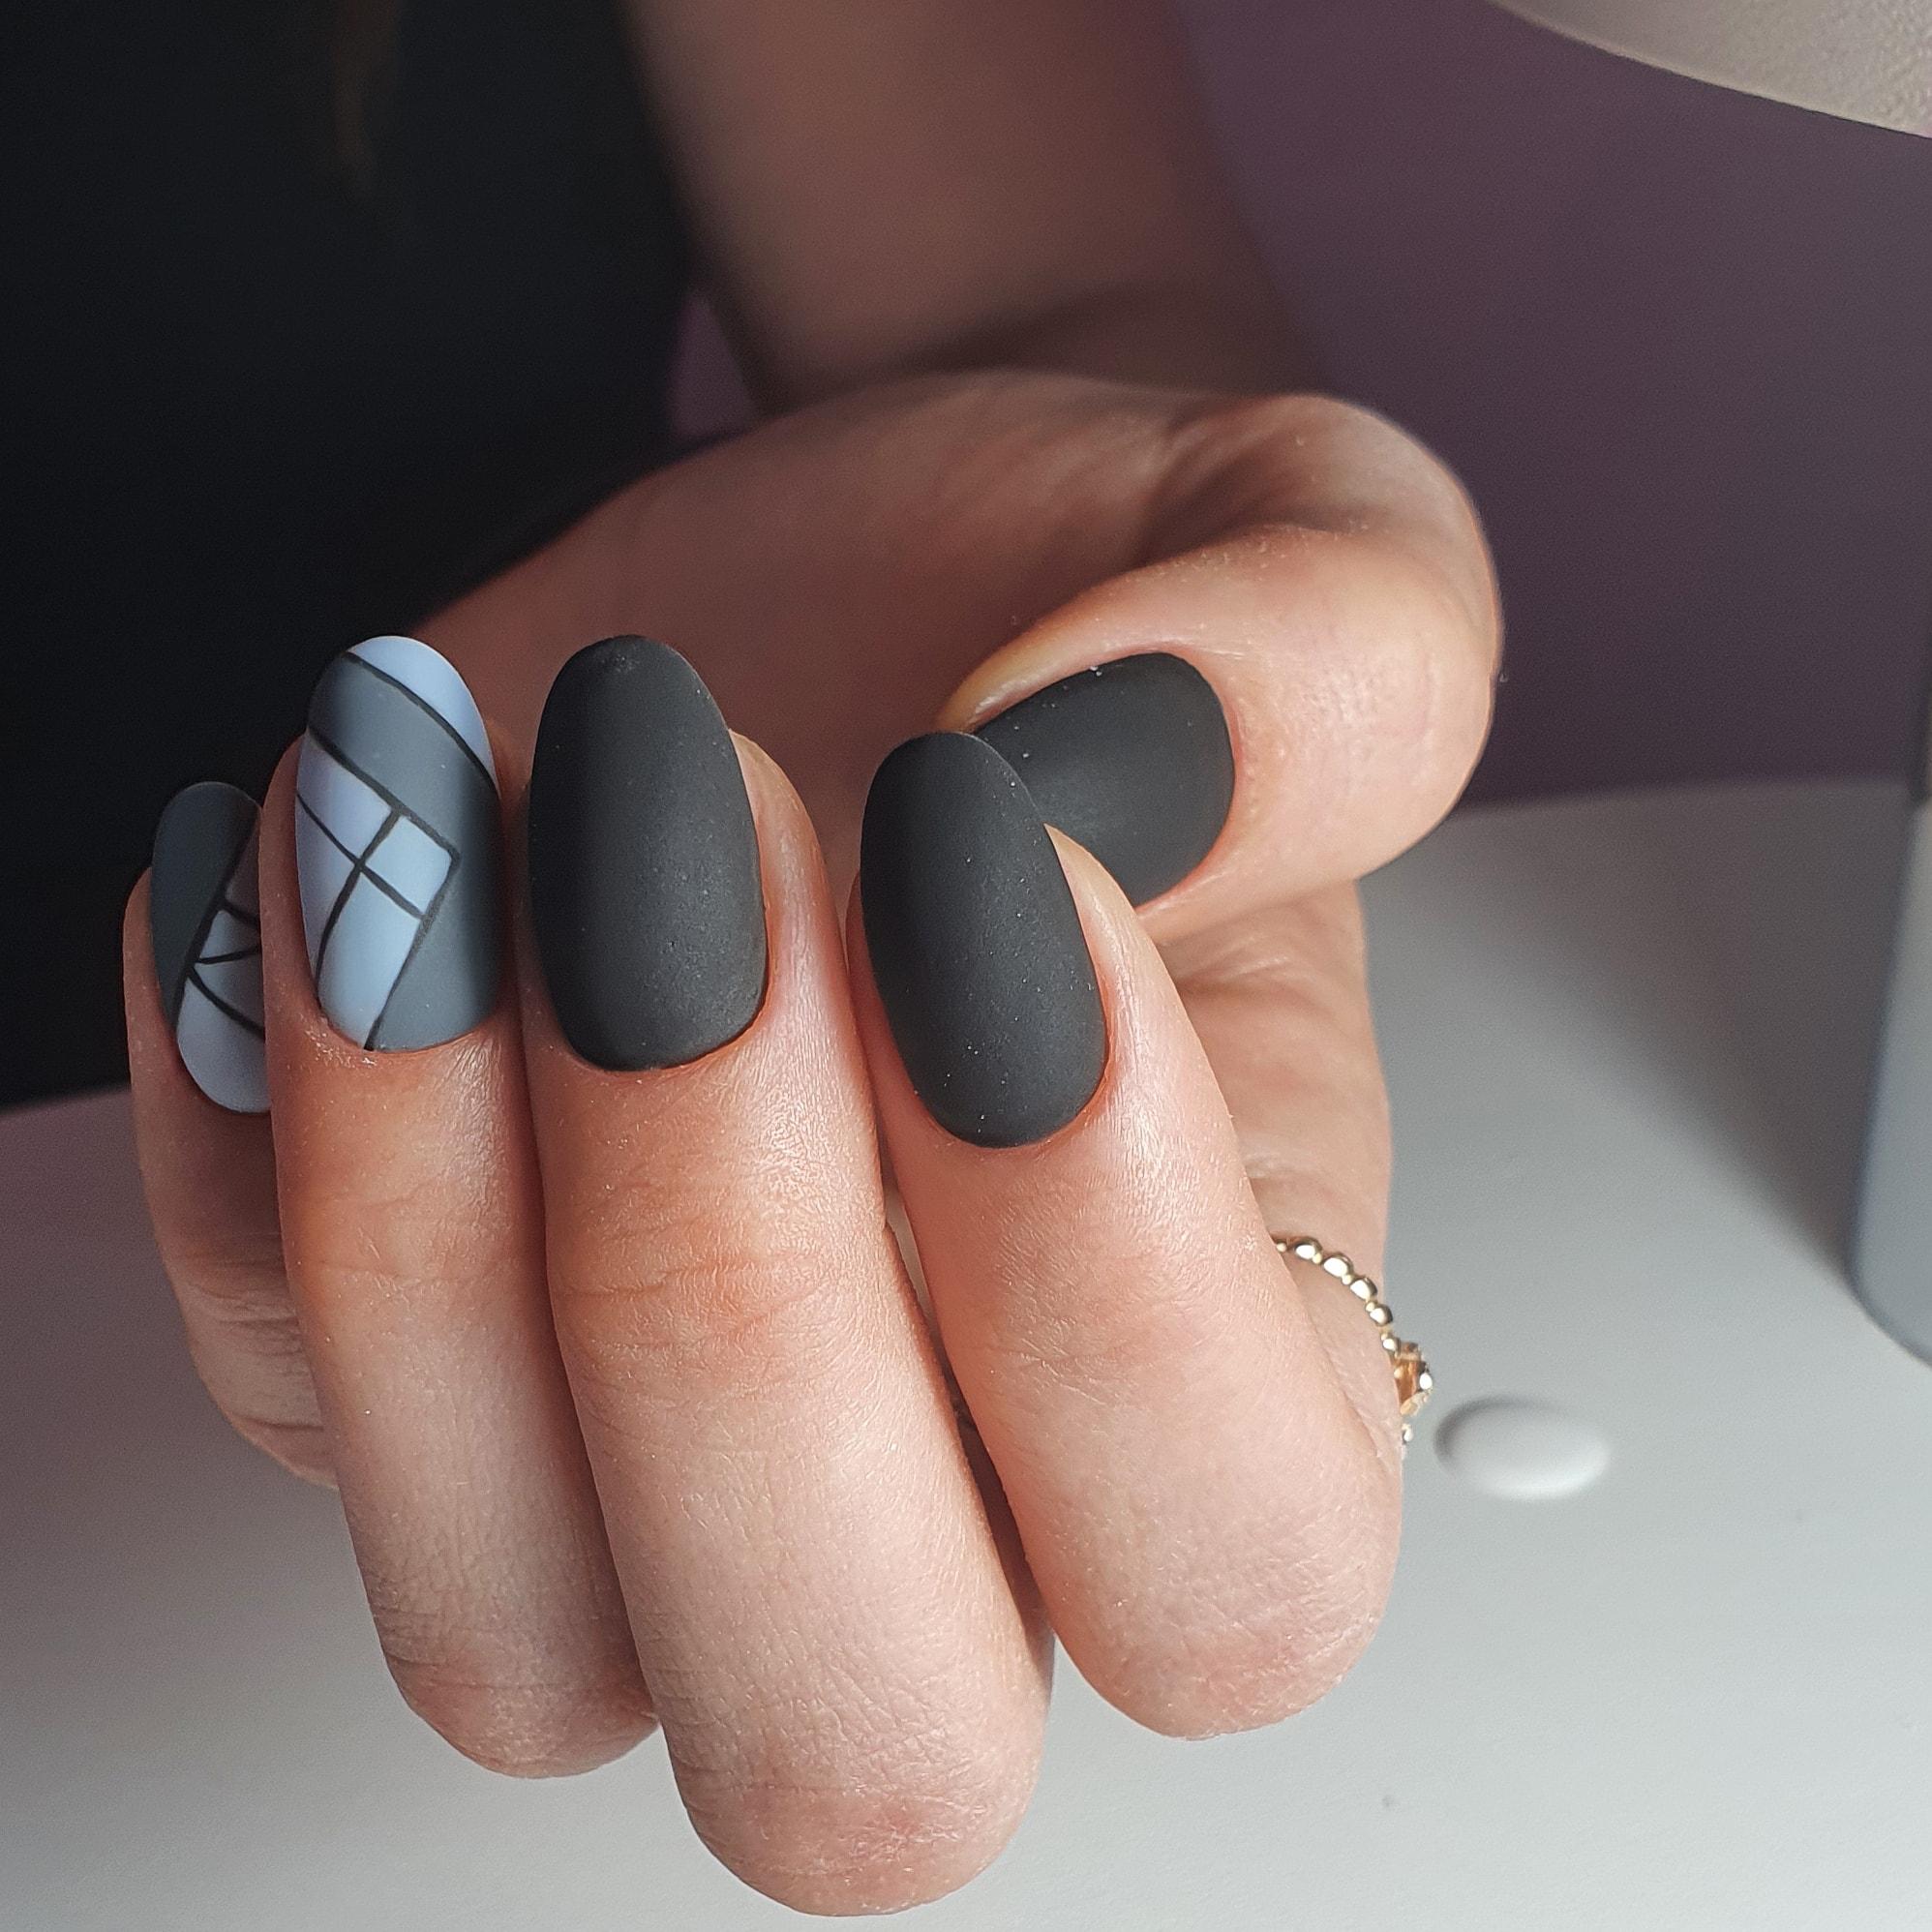 Геометрический матовый маникюр в черном цвете на короткие ногти.